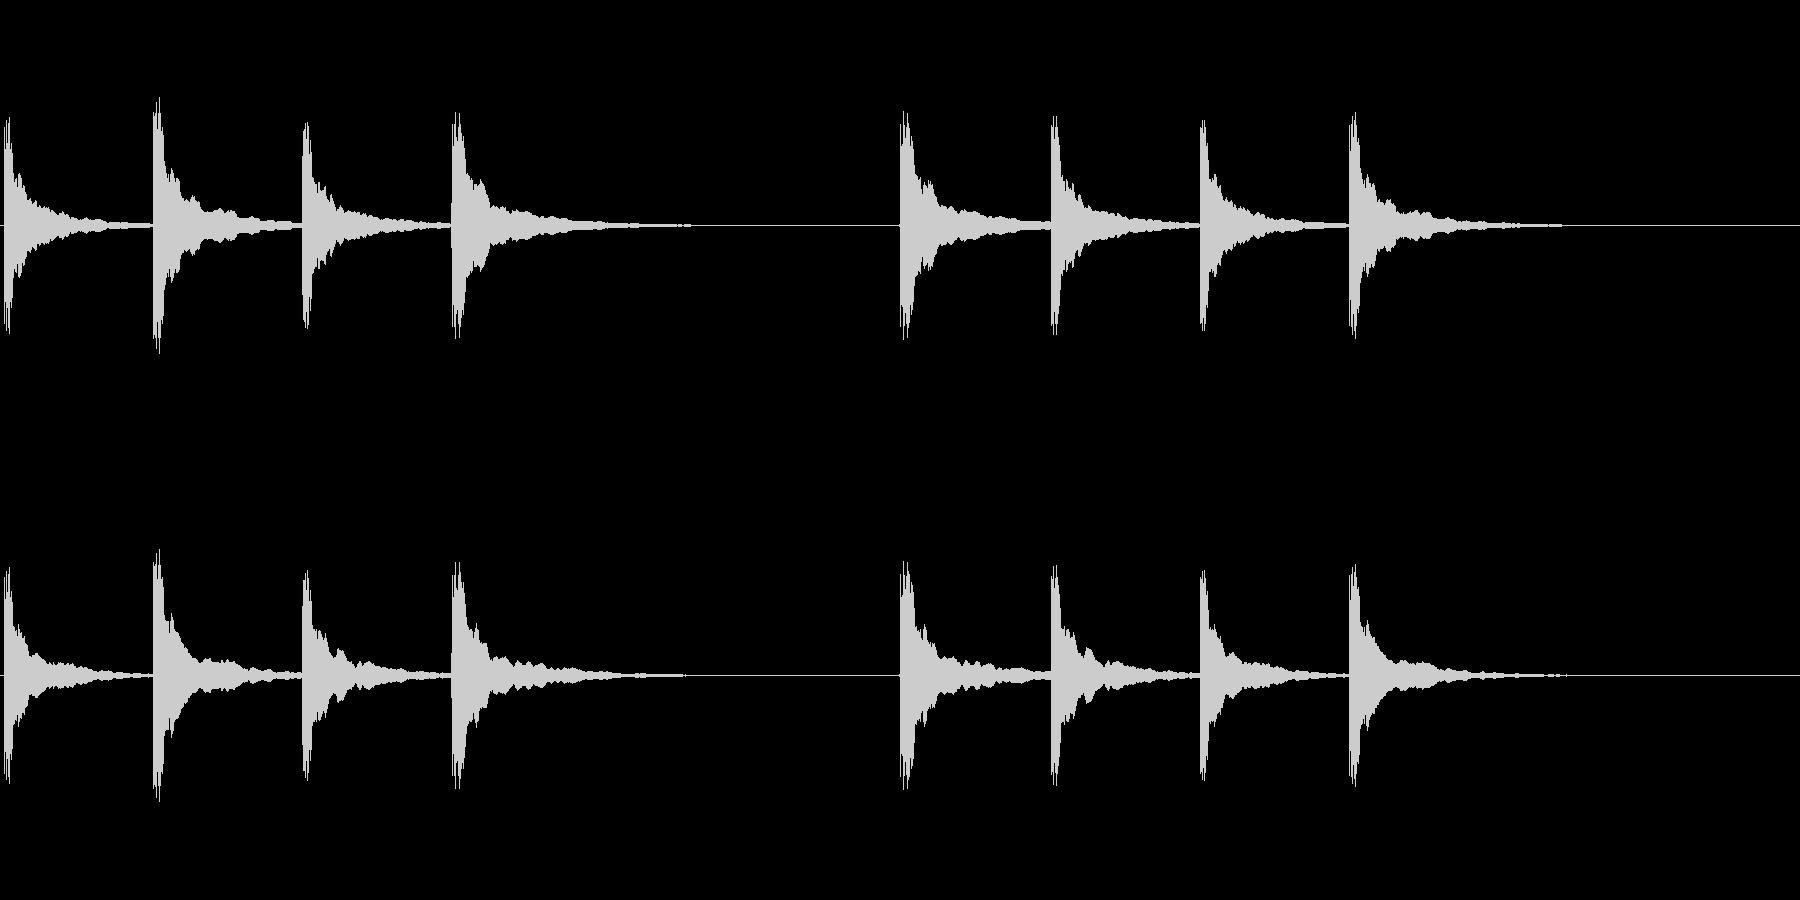 ピンポンパンポン (3)の未再生の波形